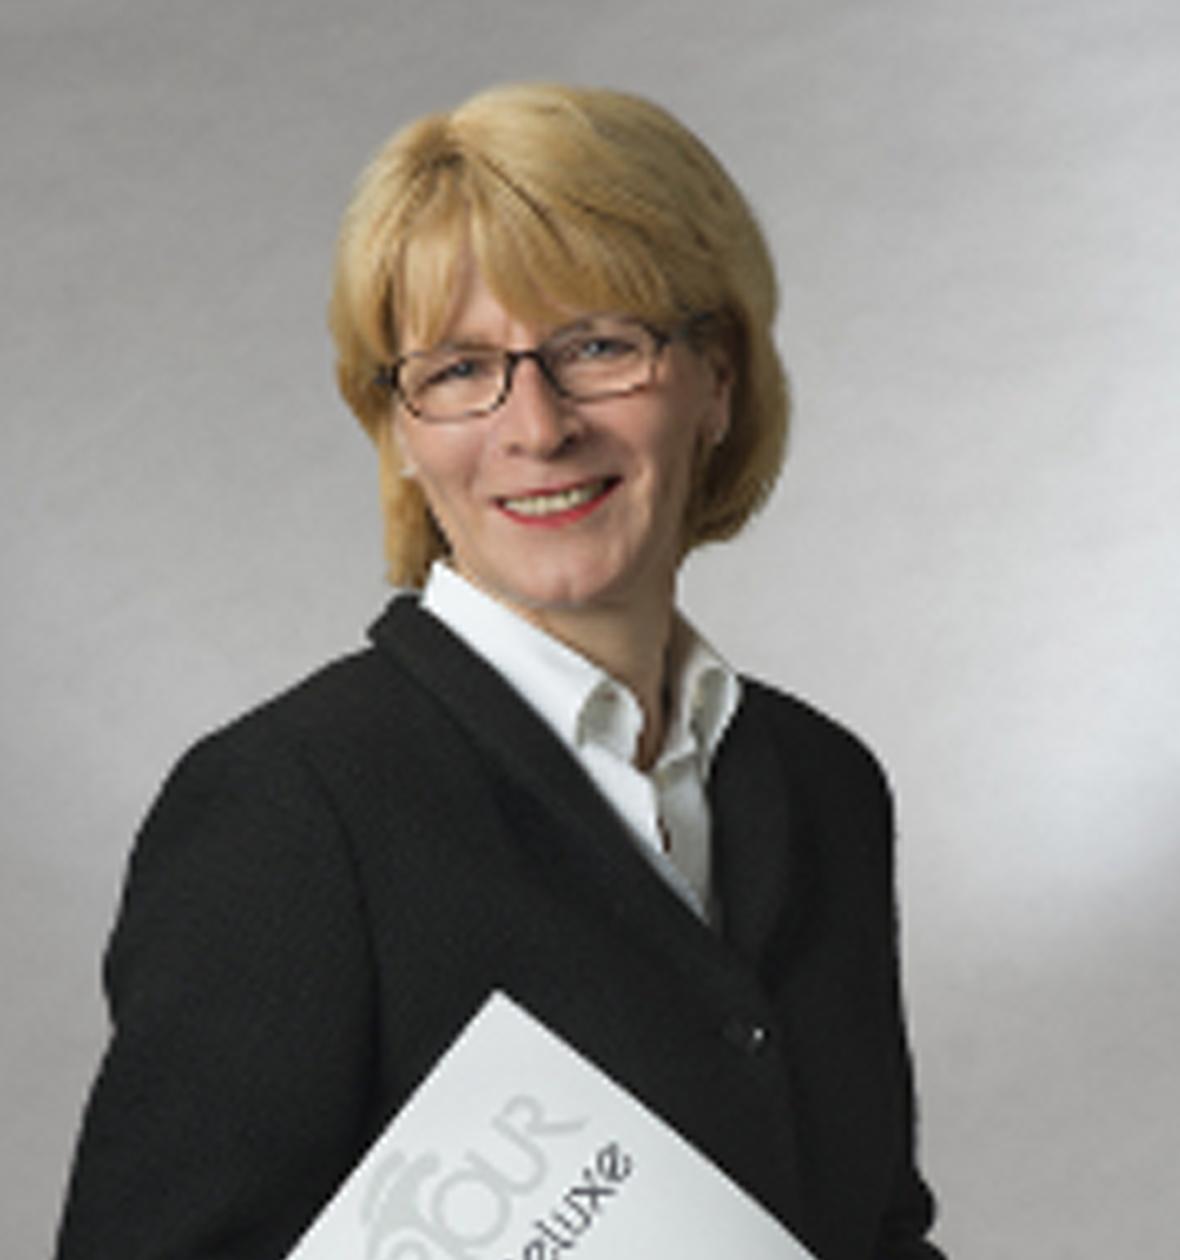 Renate Schneider